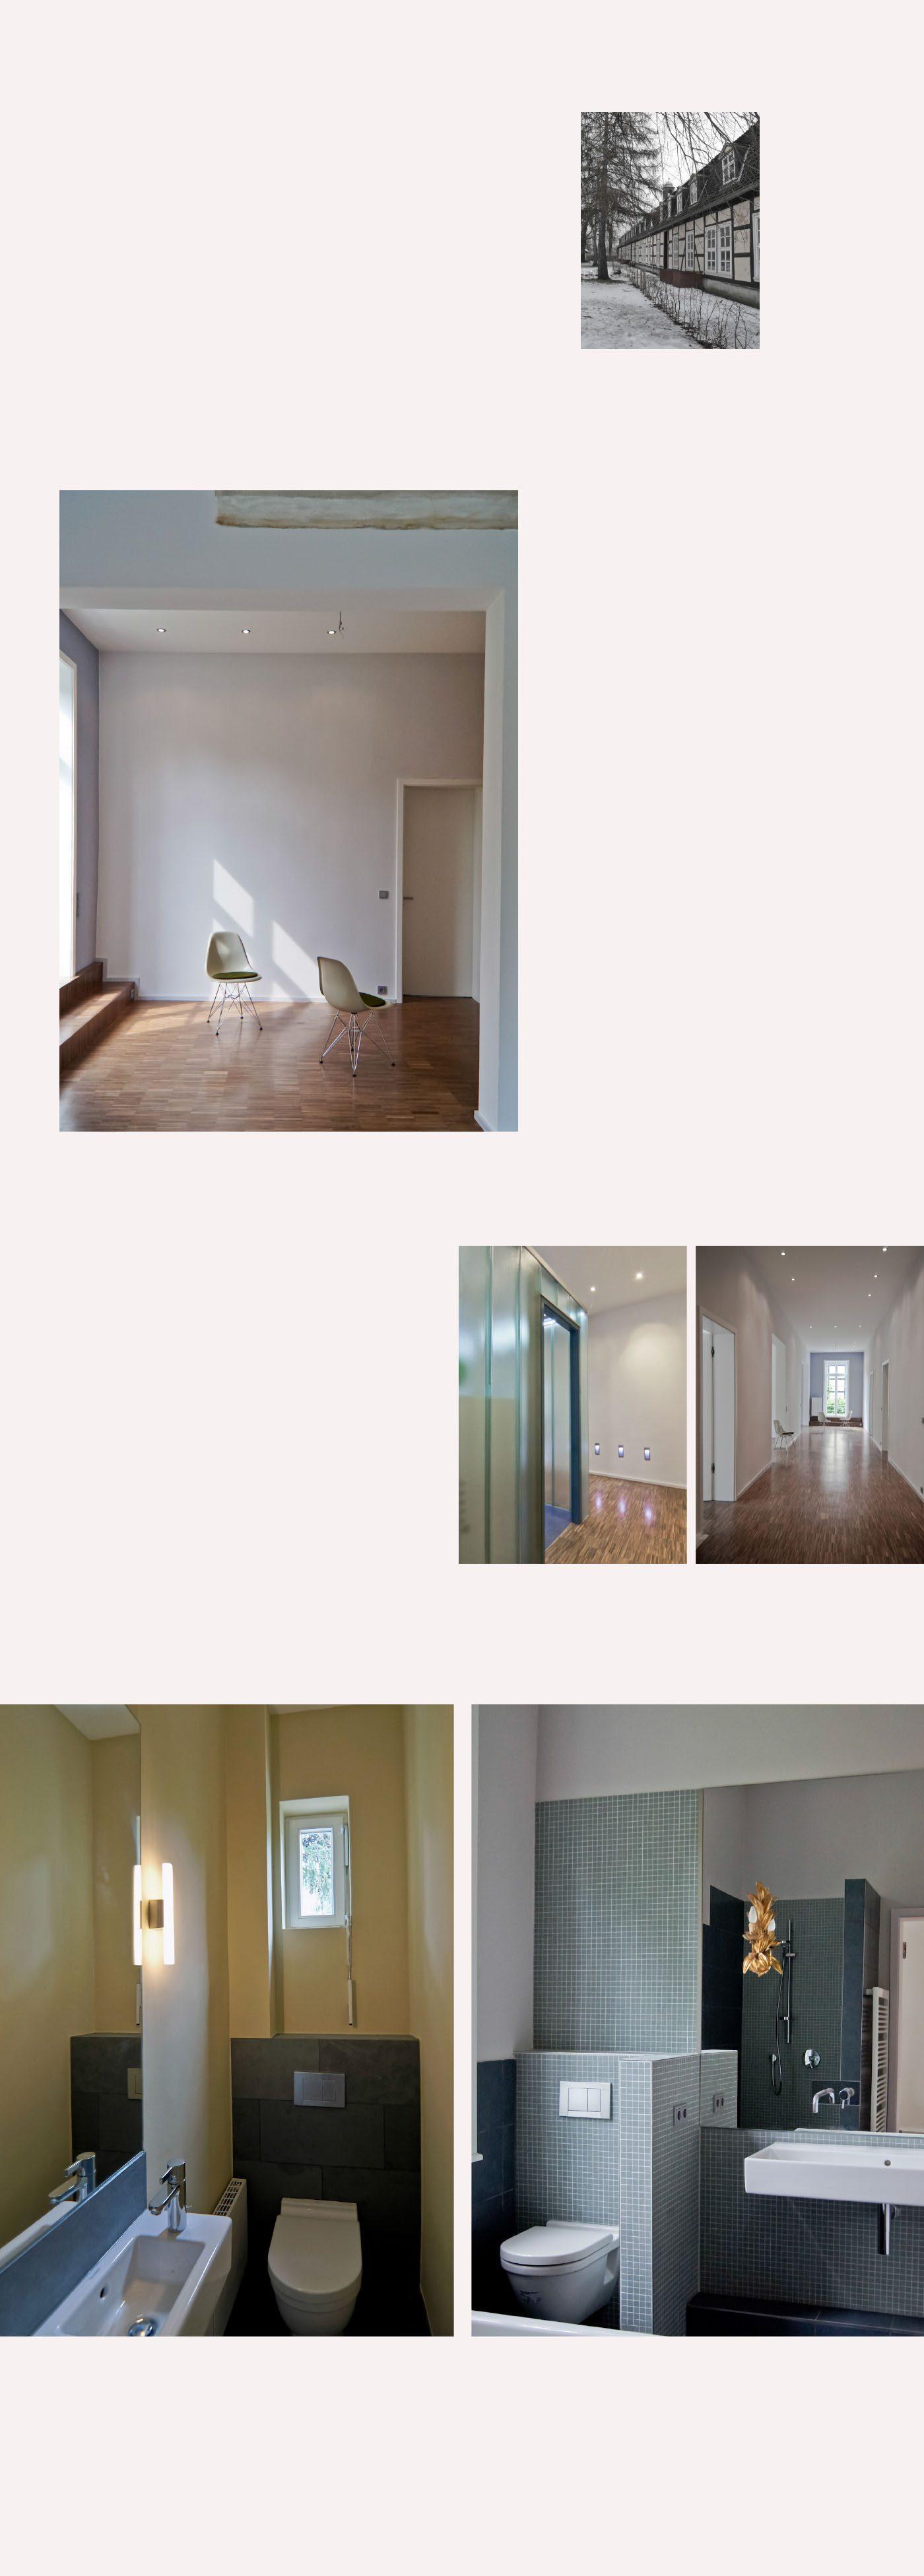 PagenhausHannover – Harry Clark Interior Design / Innenarchitektur